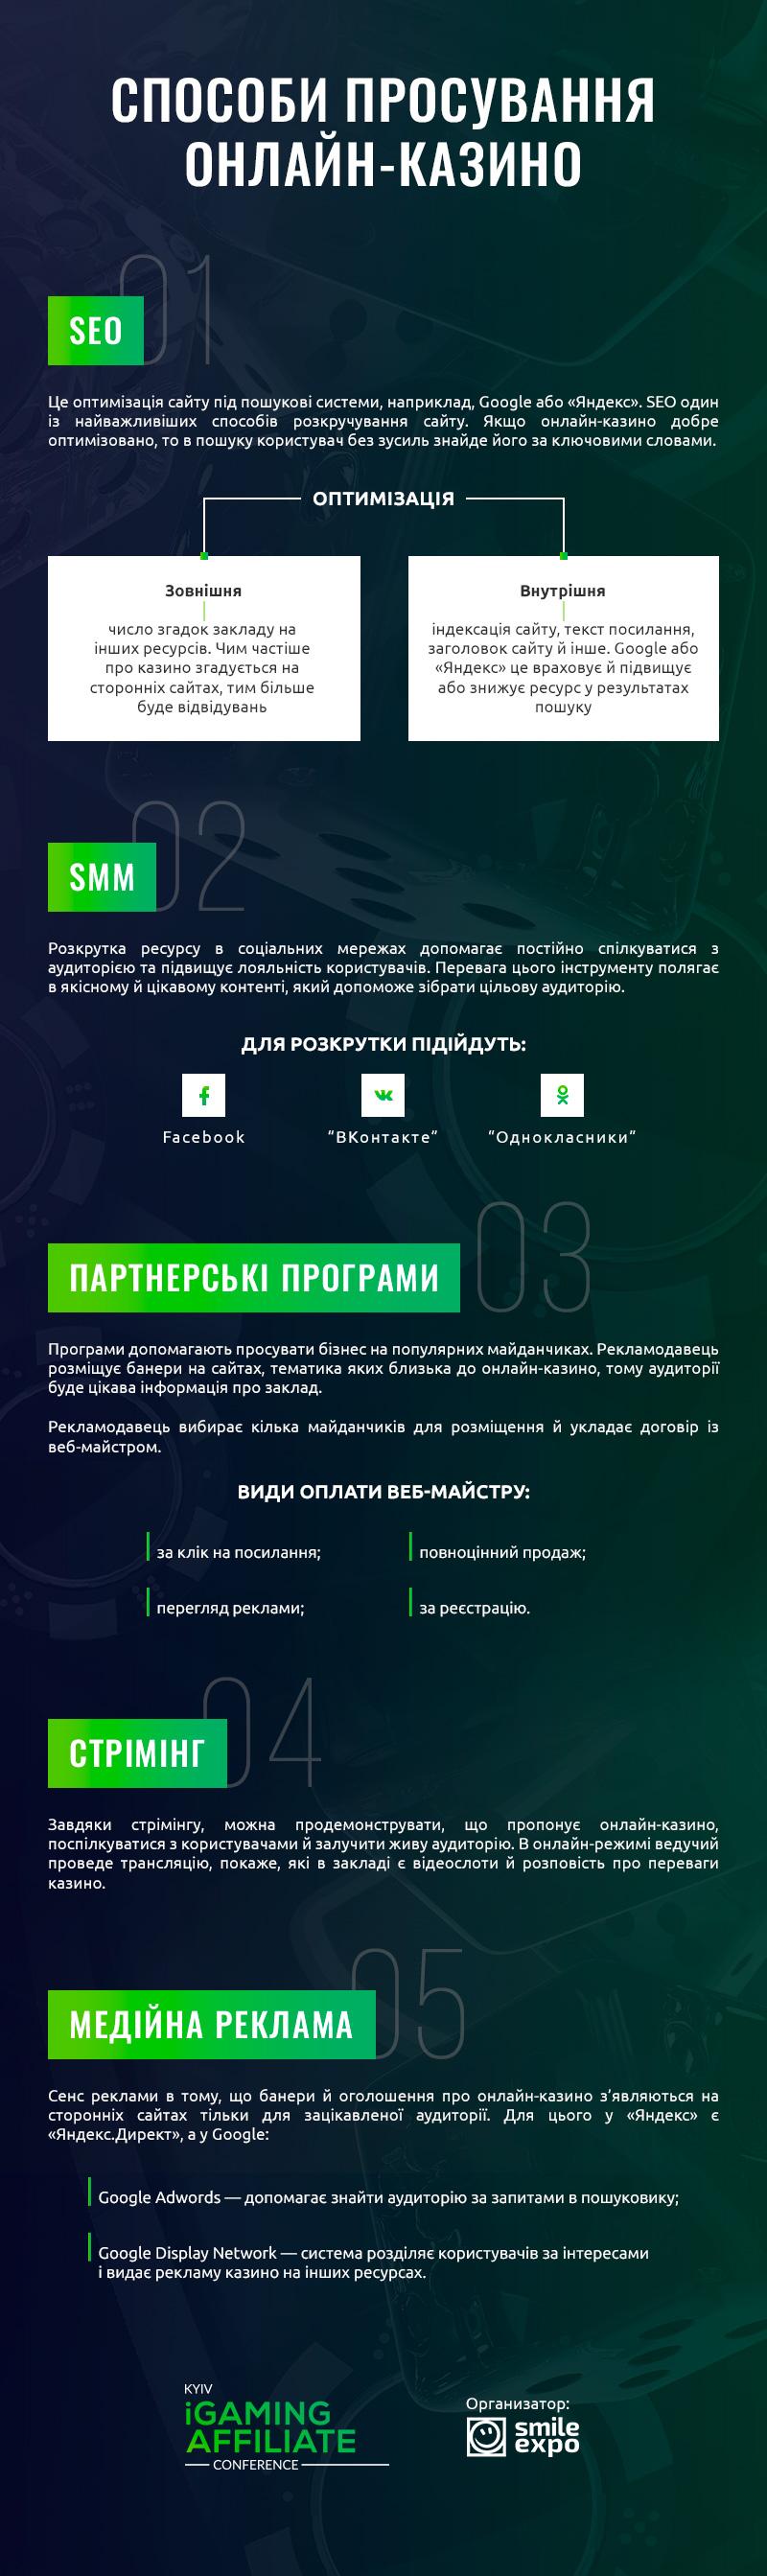 Топ-5 інструментів для просування онлайн-казино. Інфографіка